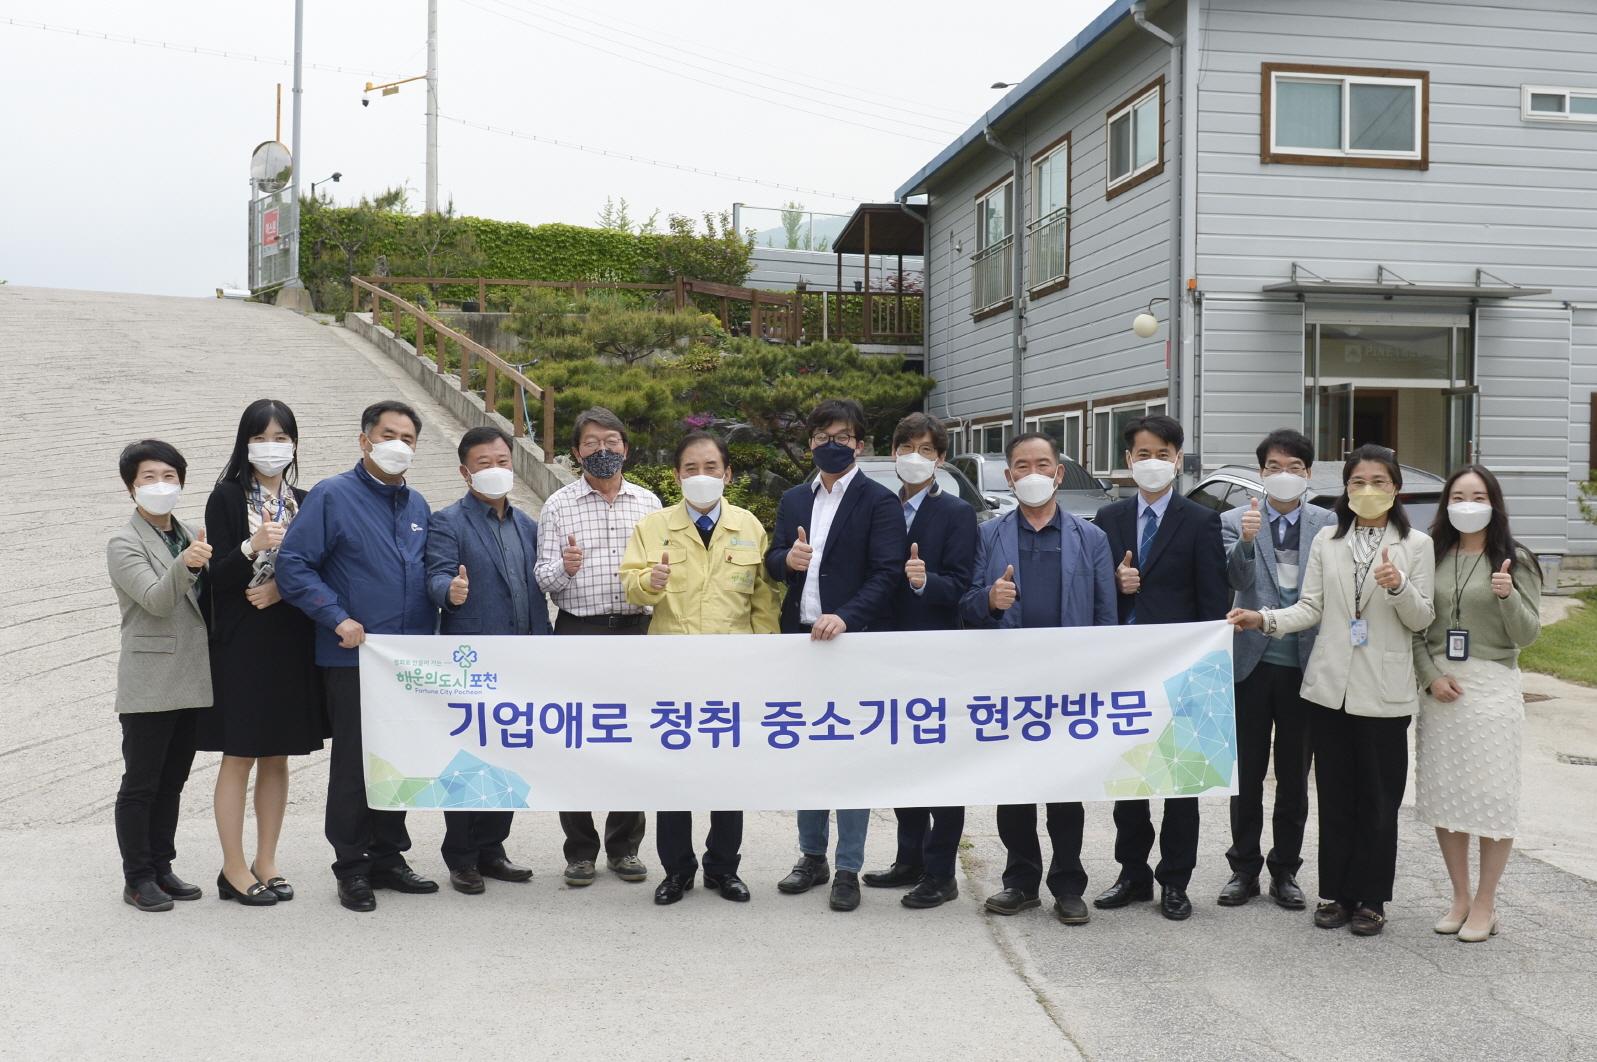 박윤국 포천시장 기업체 방문 사진